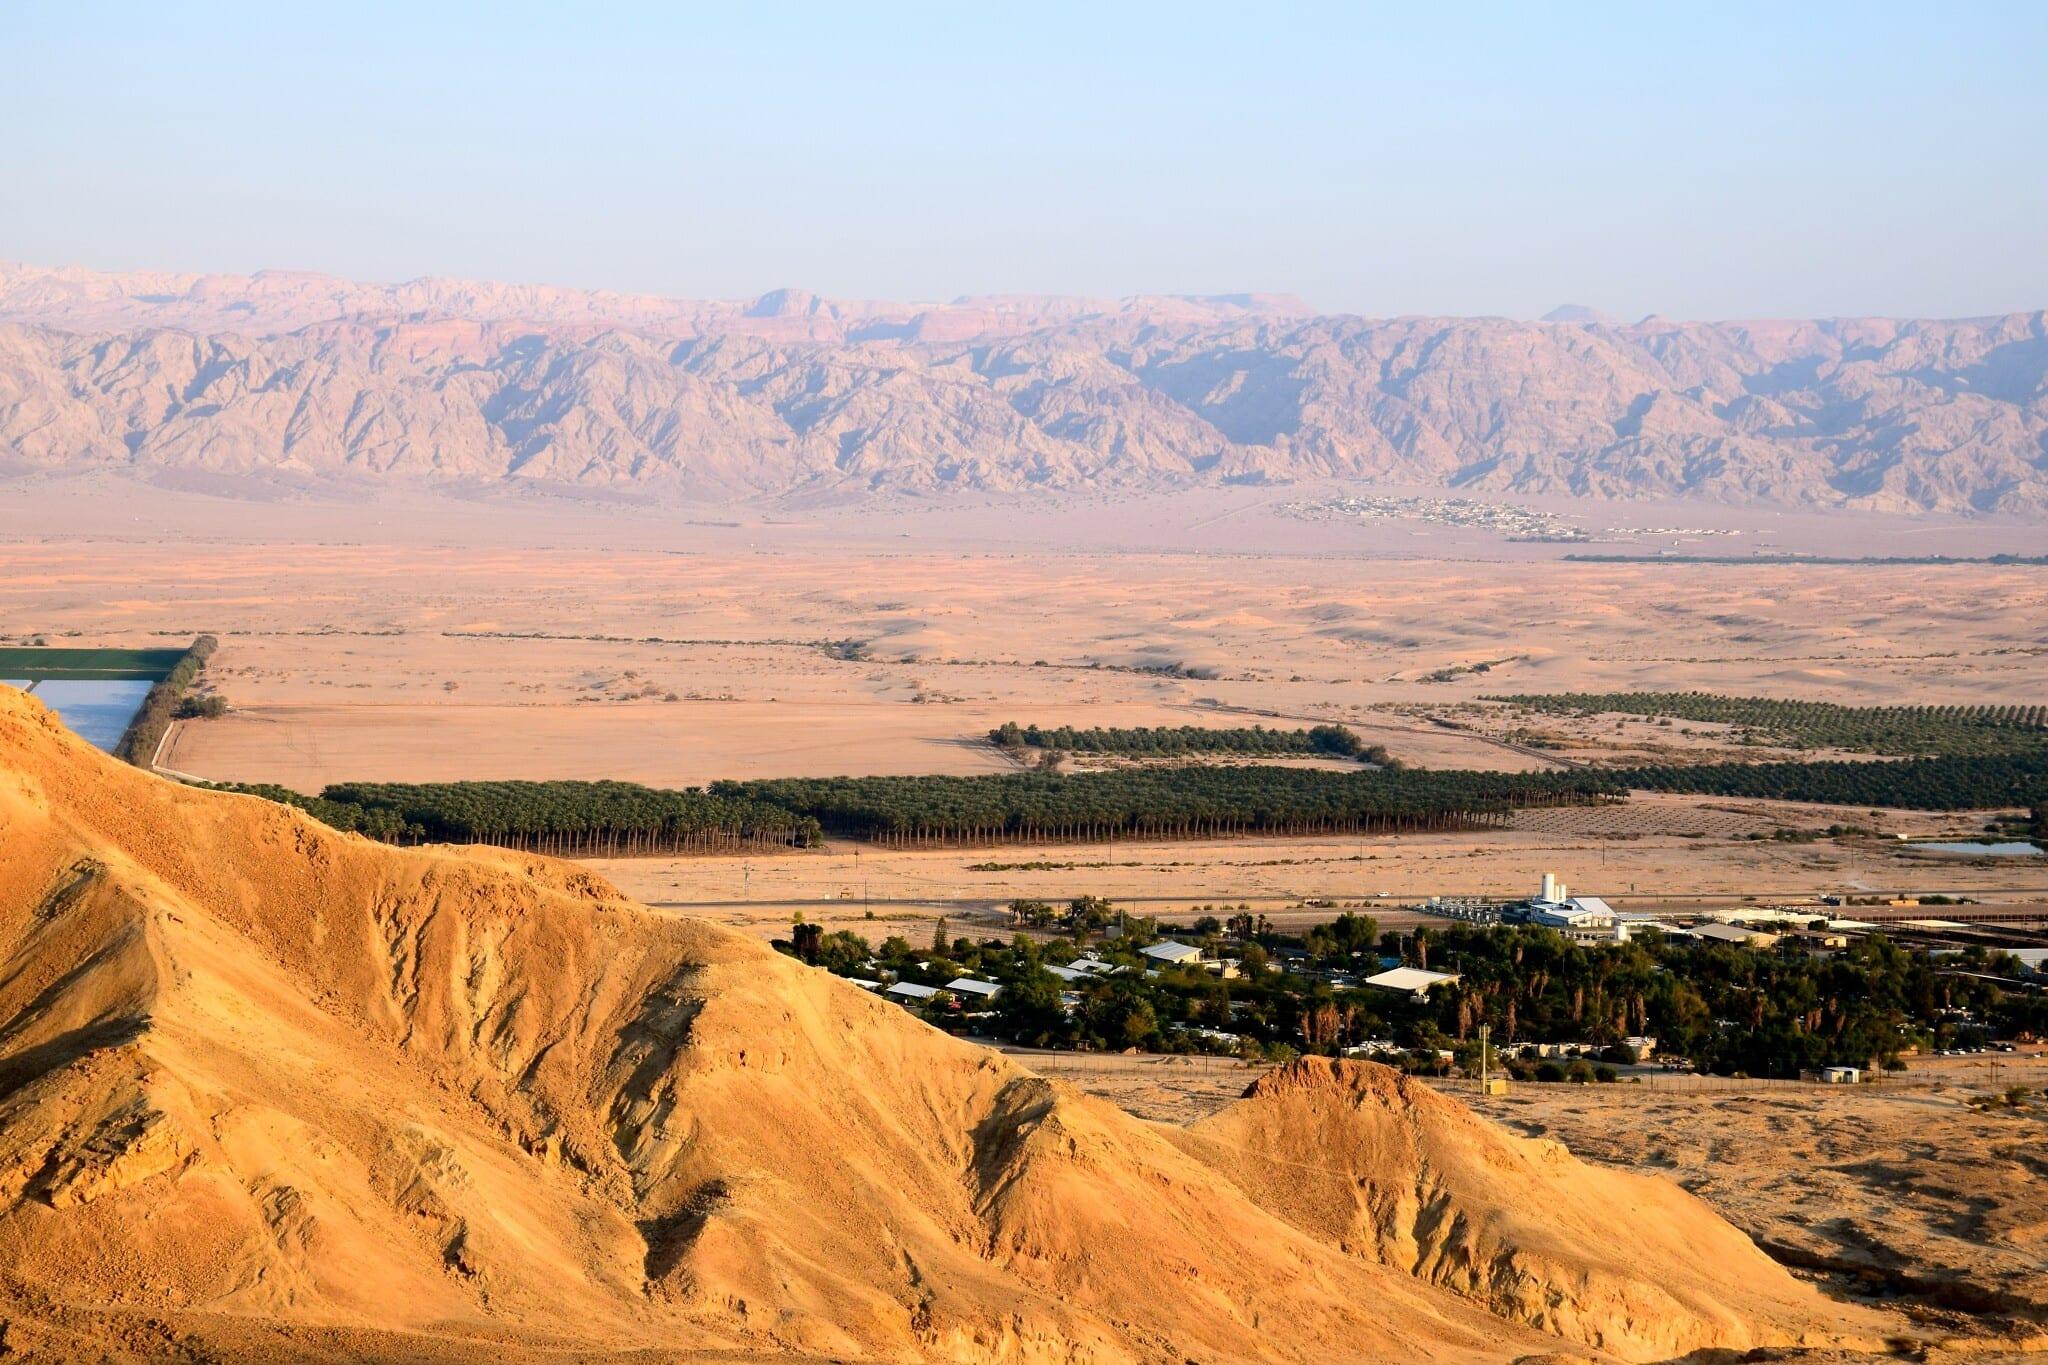 מכון הערבה ללימודי הסביבה (צילום: באדיבות המכון)